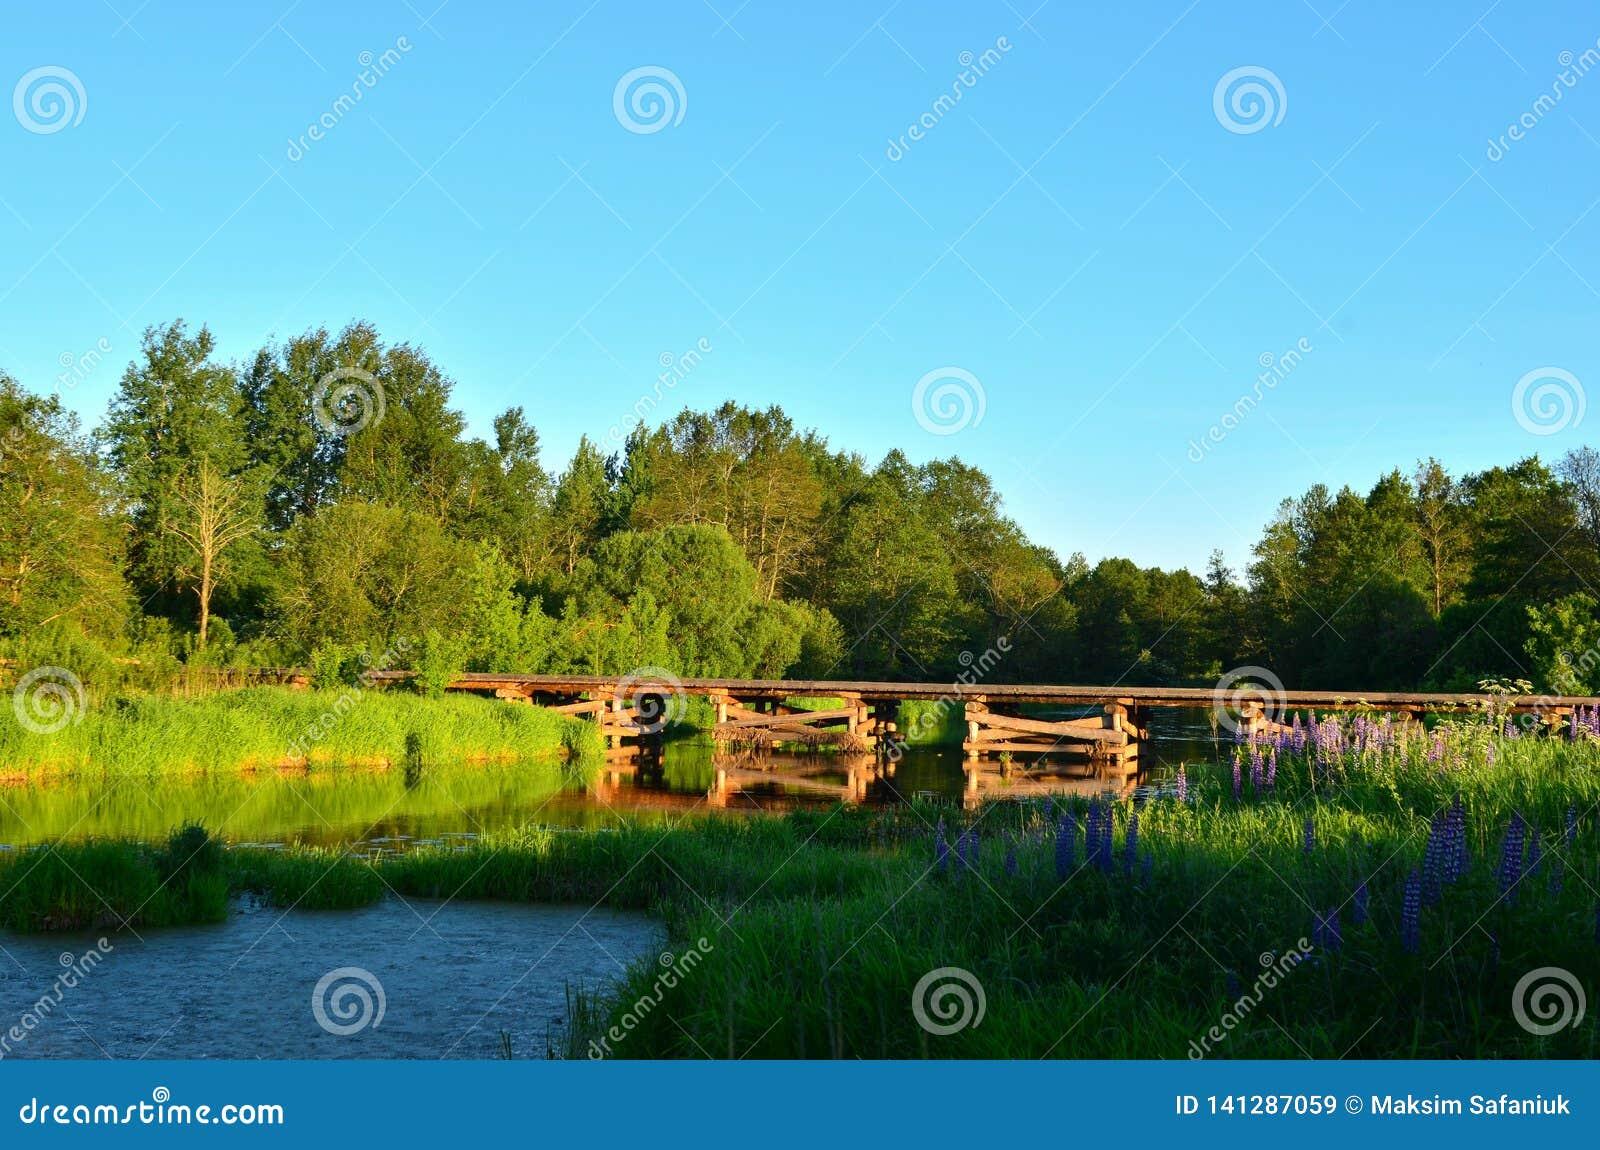 Деревянный мост журналов дерева лежит через небольшое реку внутри лесистой зоны среди зеленой природы